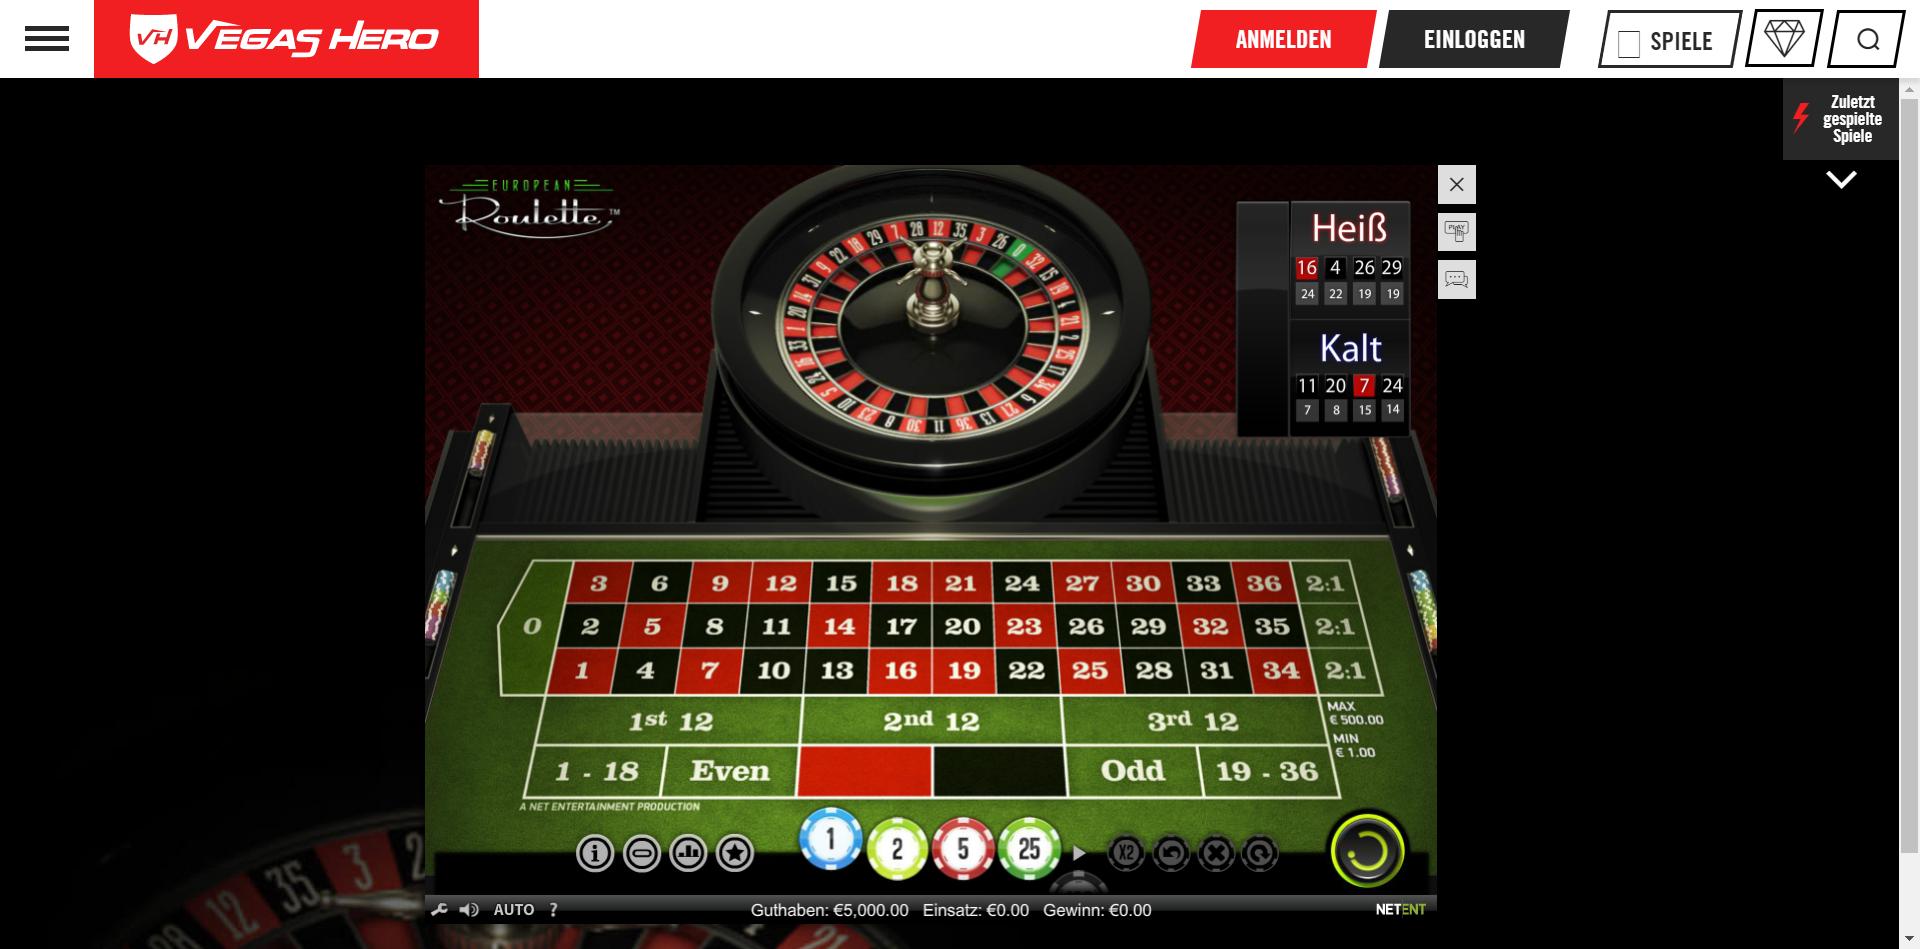 Svenskt casino - 55611